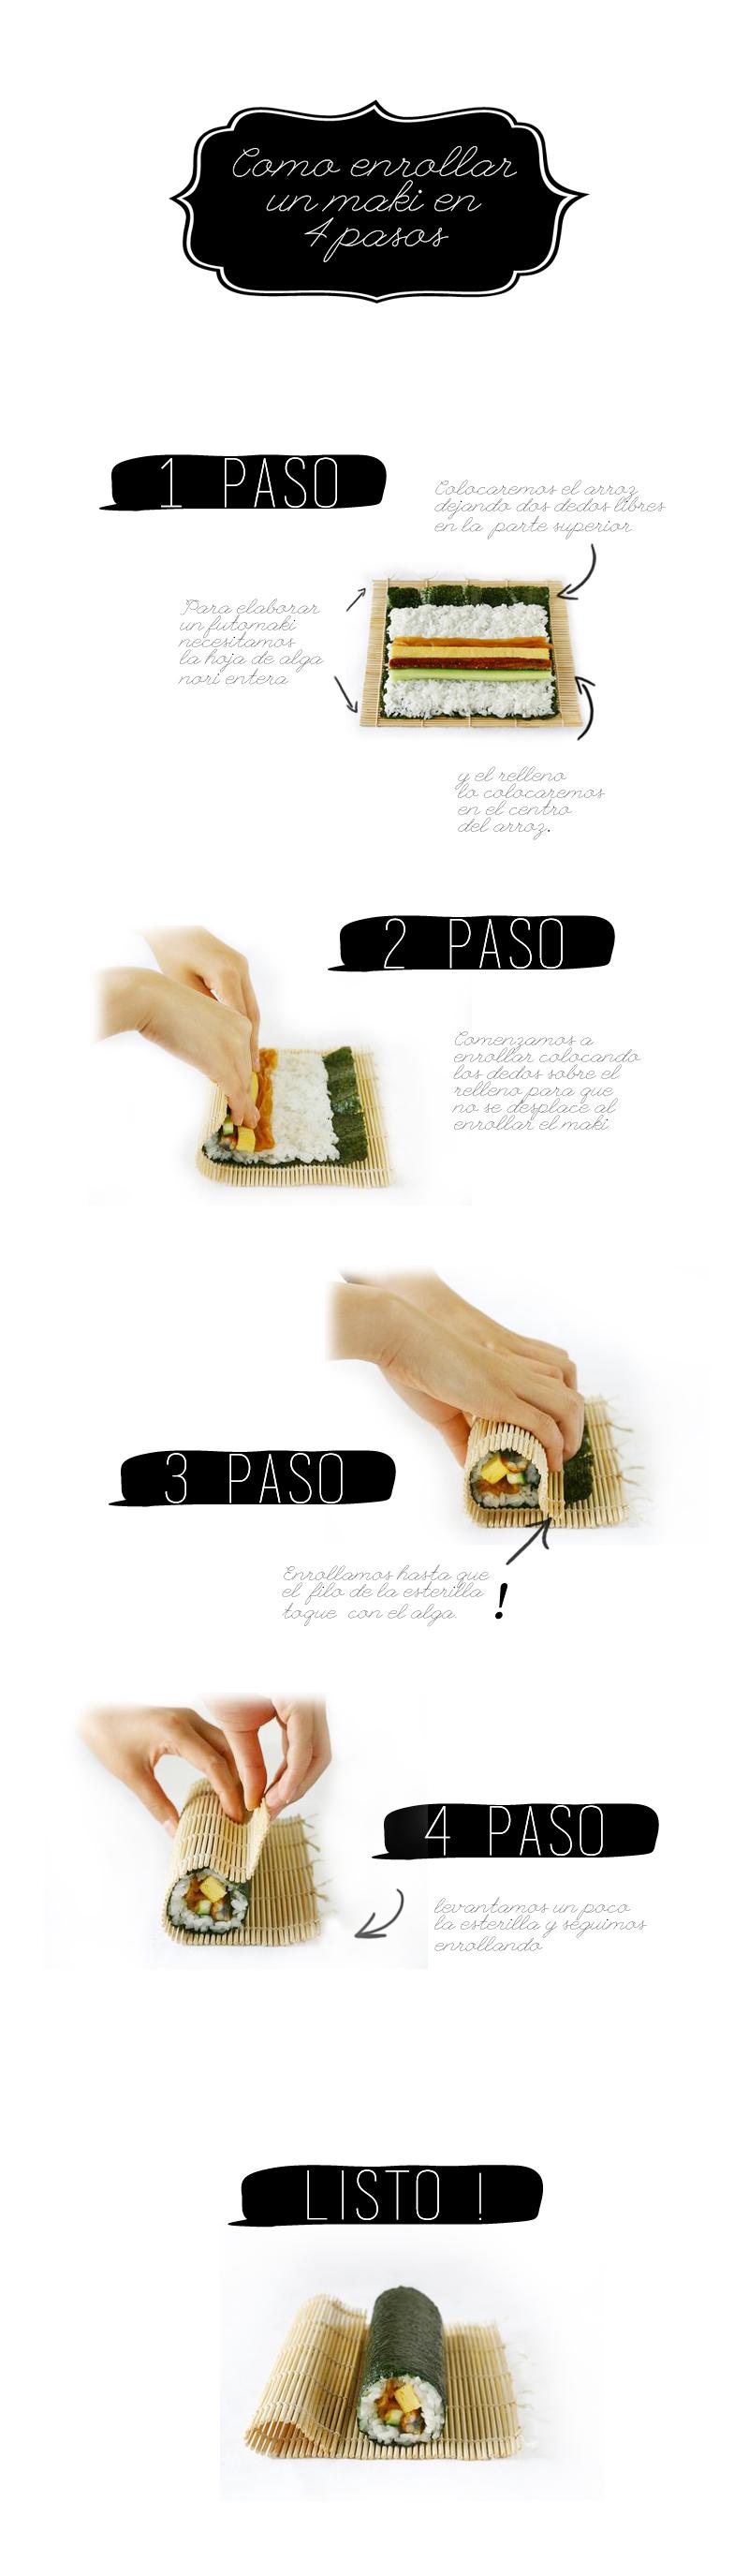 como enrollar un sushi en 4 pasos